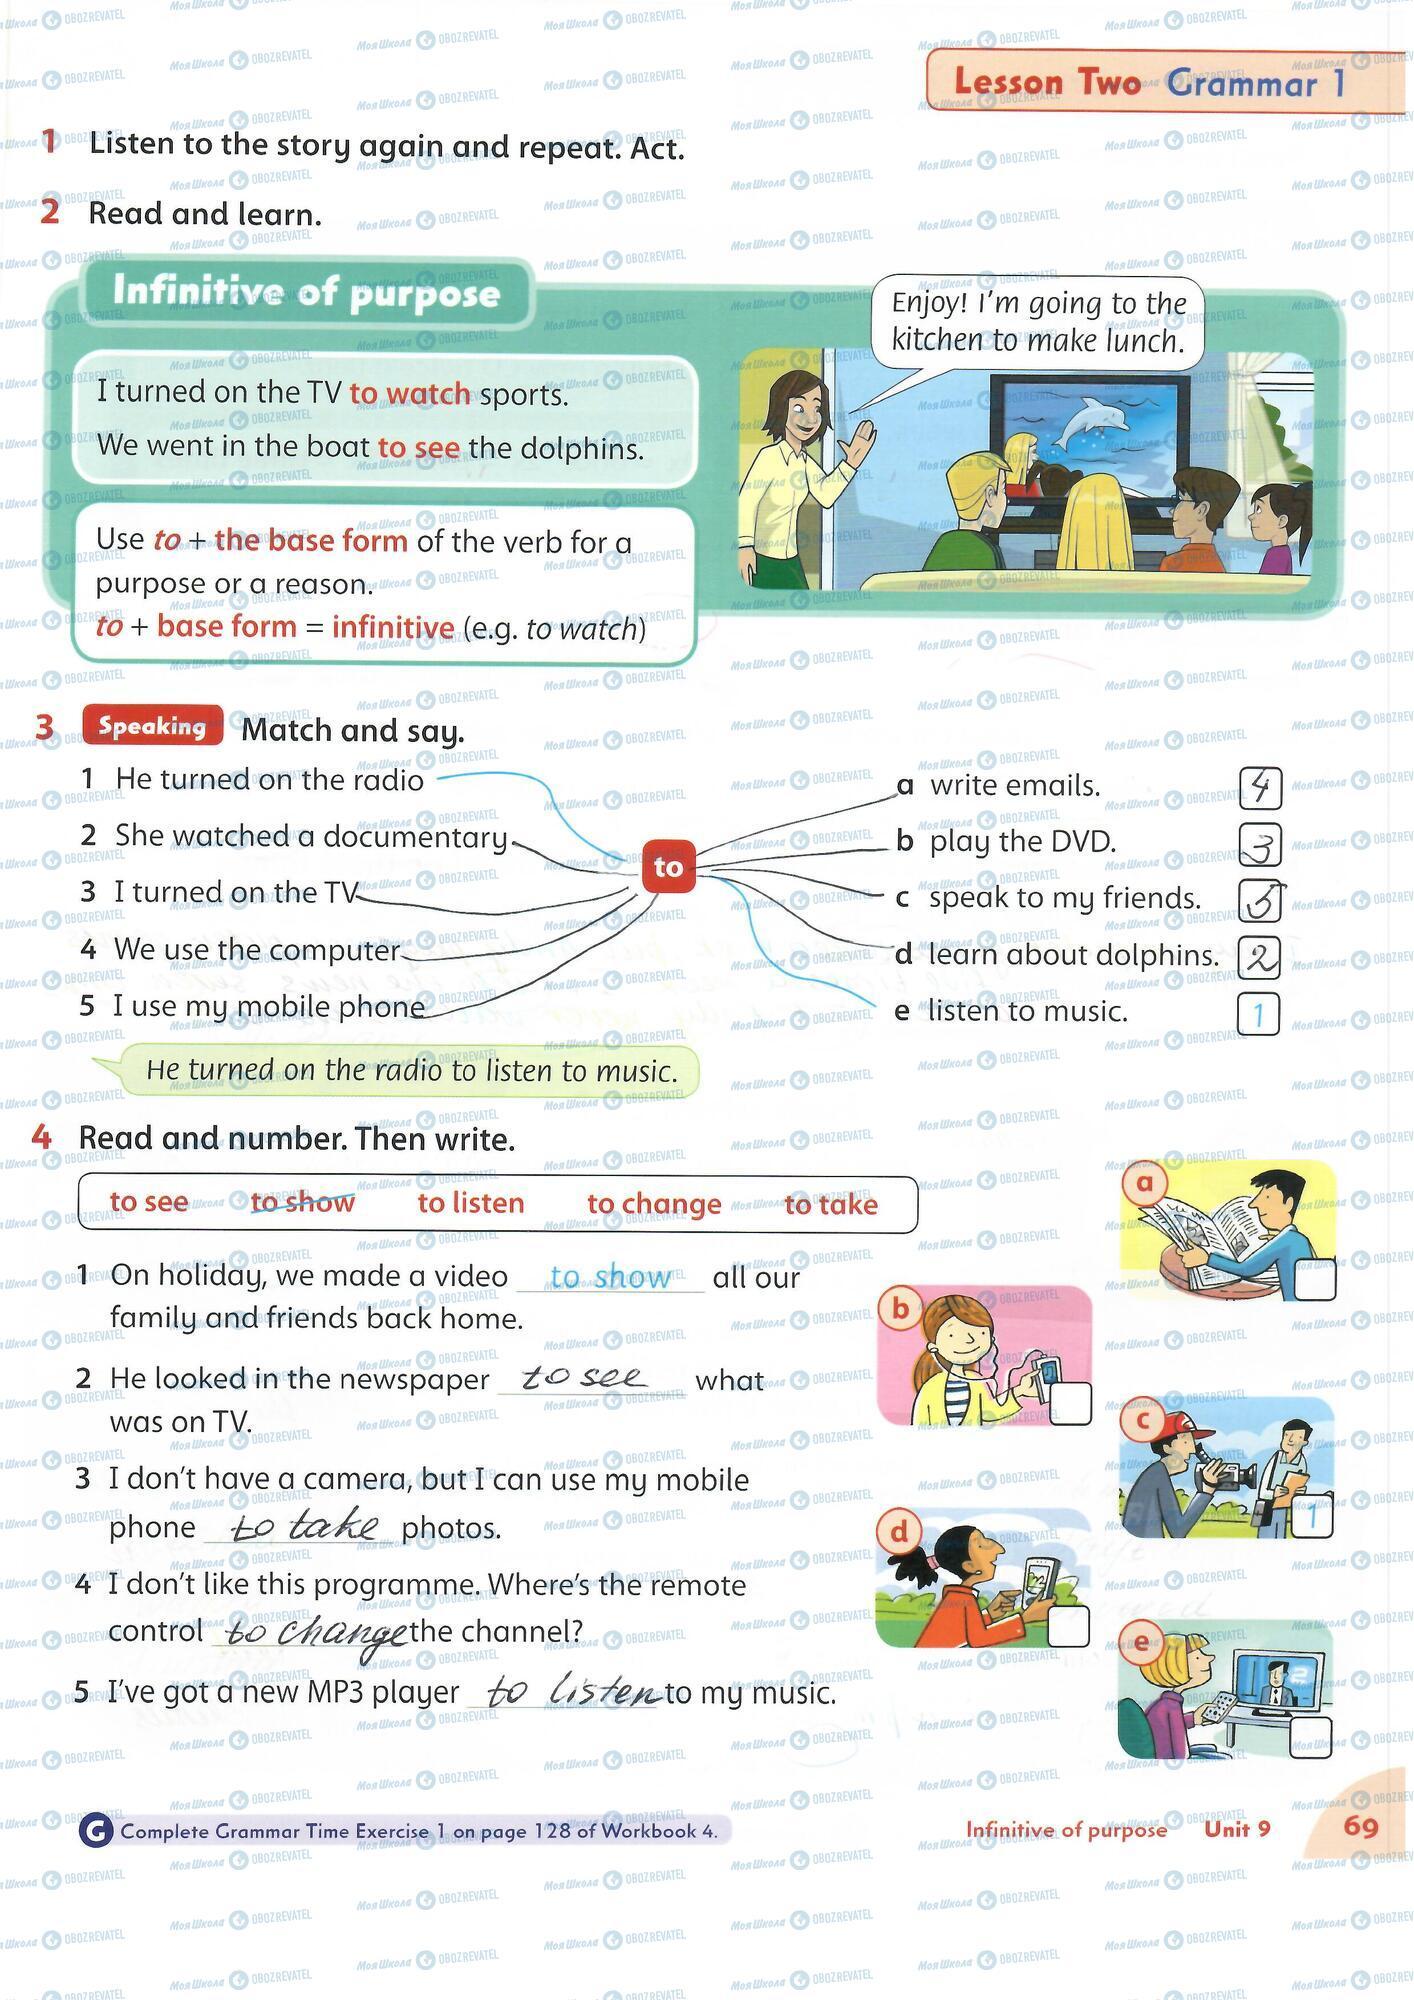 ГДЗ Английский язык 4 класс страница 69